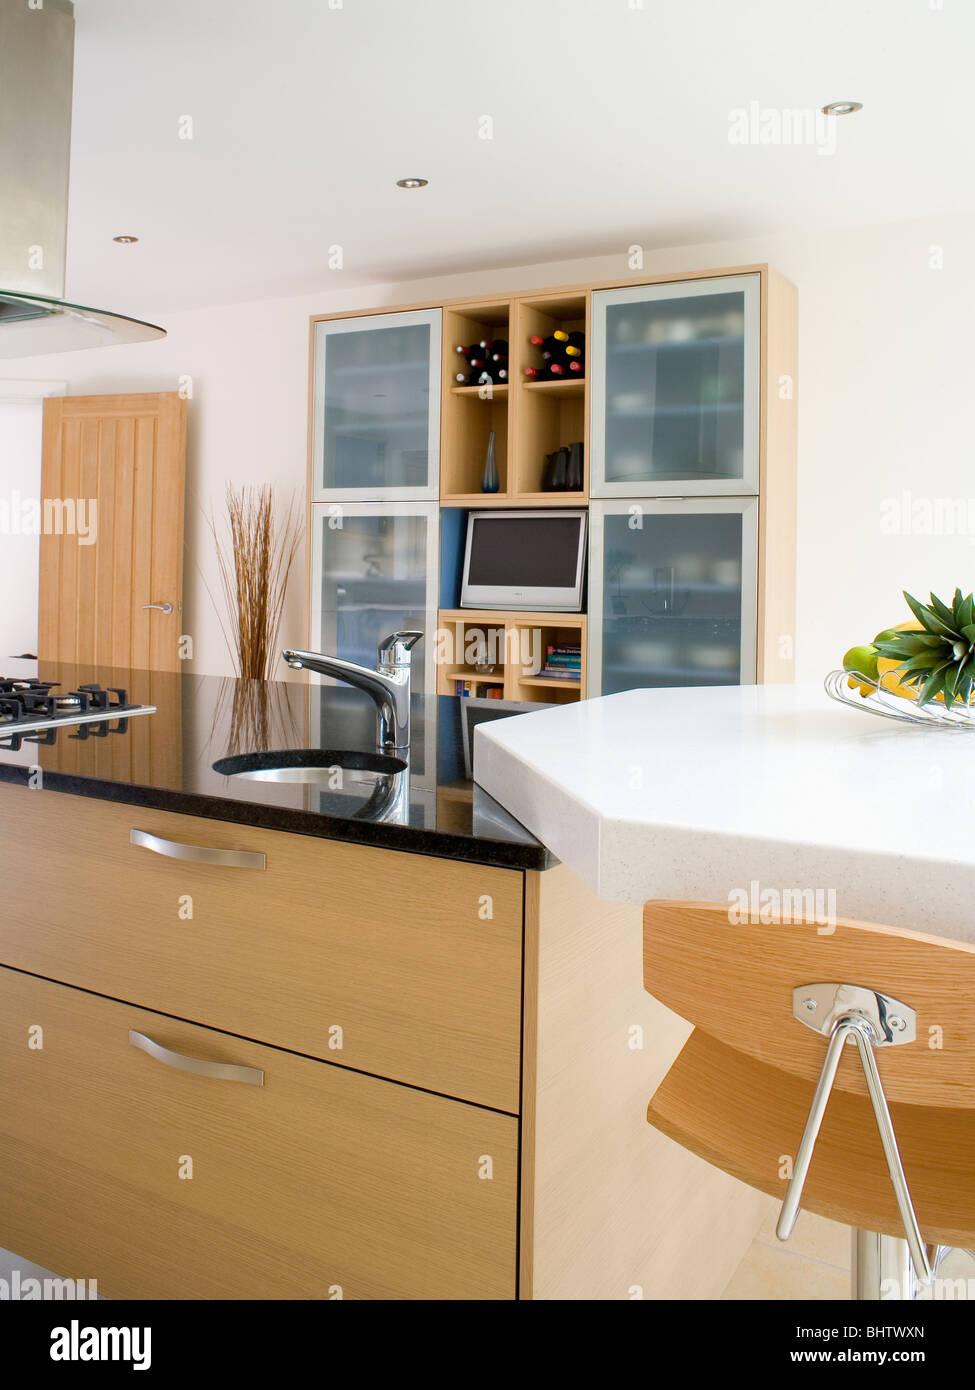 kchen waschbecken granit granit waschbecken kche bestimmt best keramik waschbecken kche with. Black Bedroom Furniture Sets. Home Design Ideas